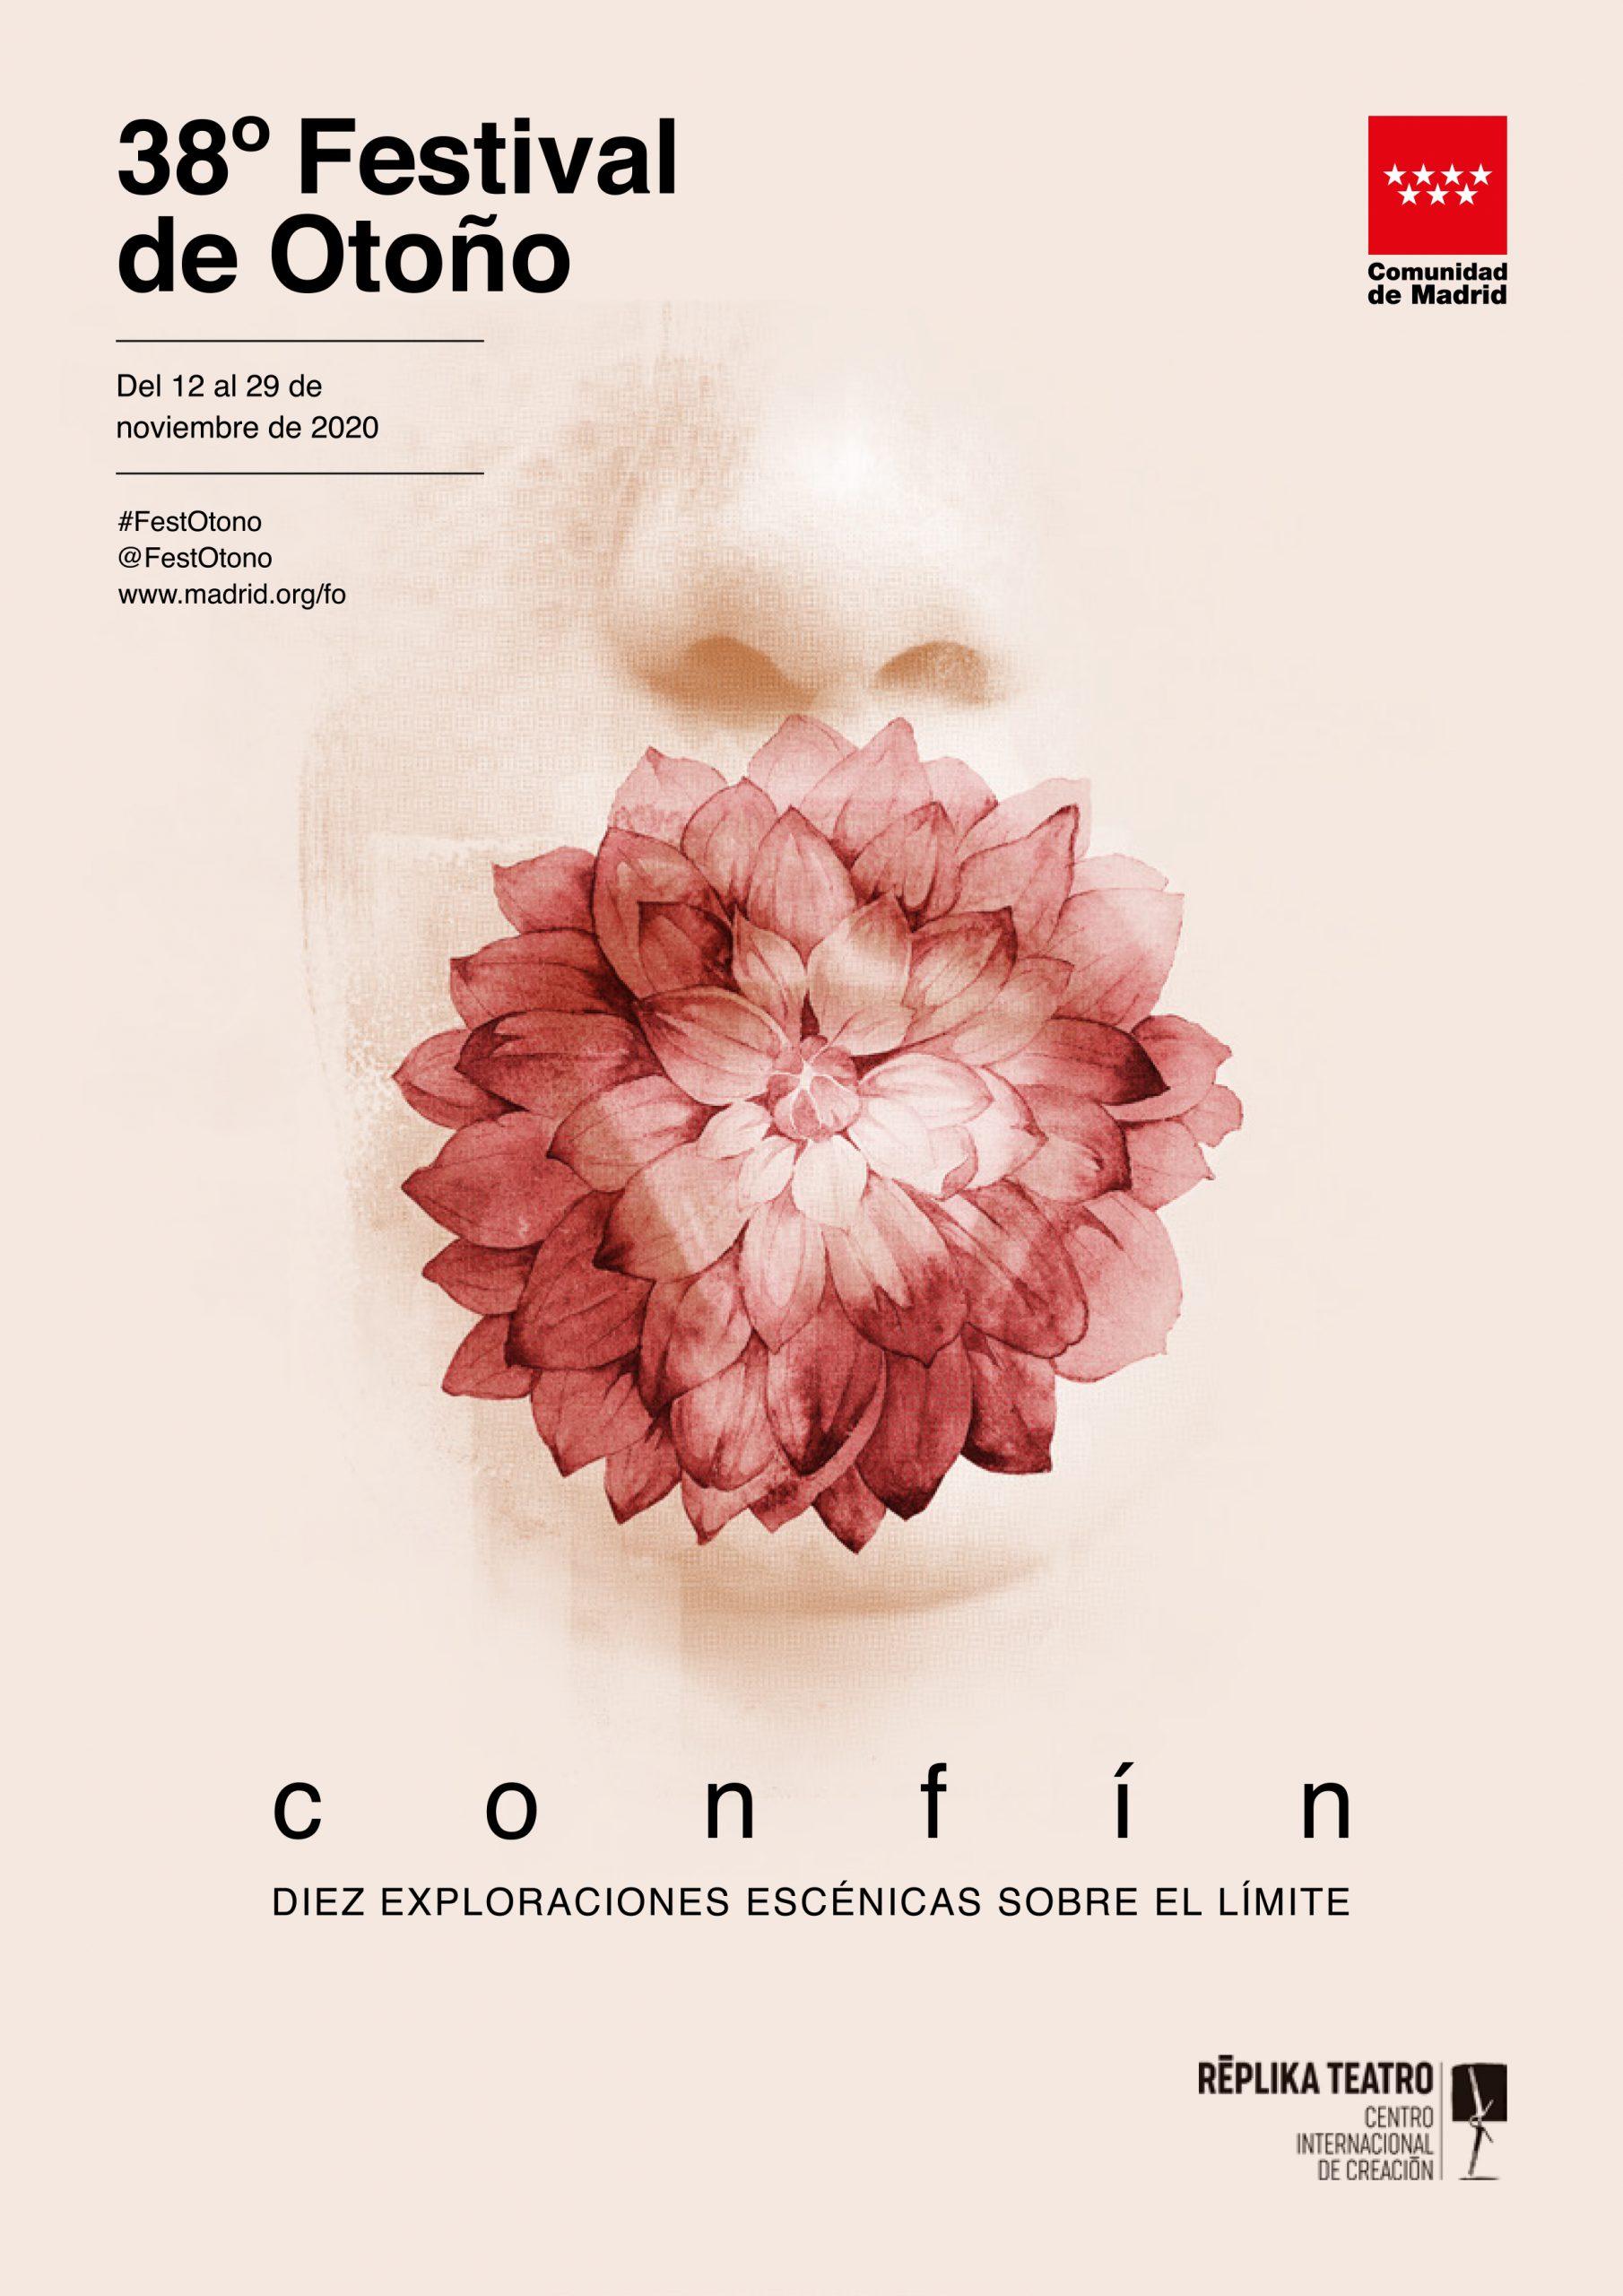 Ciclo CONFÍN. Diez exploraciones escénicas sobre el límite | 38º Festival de Otoño